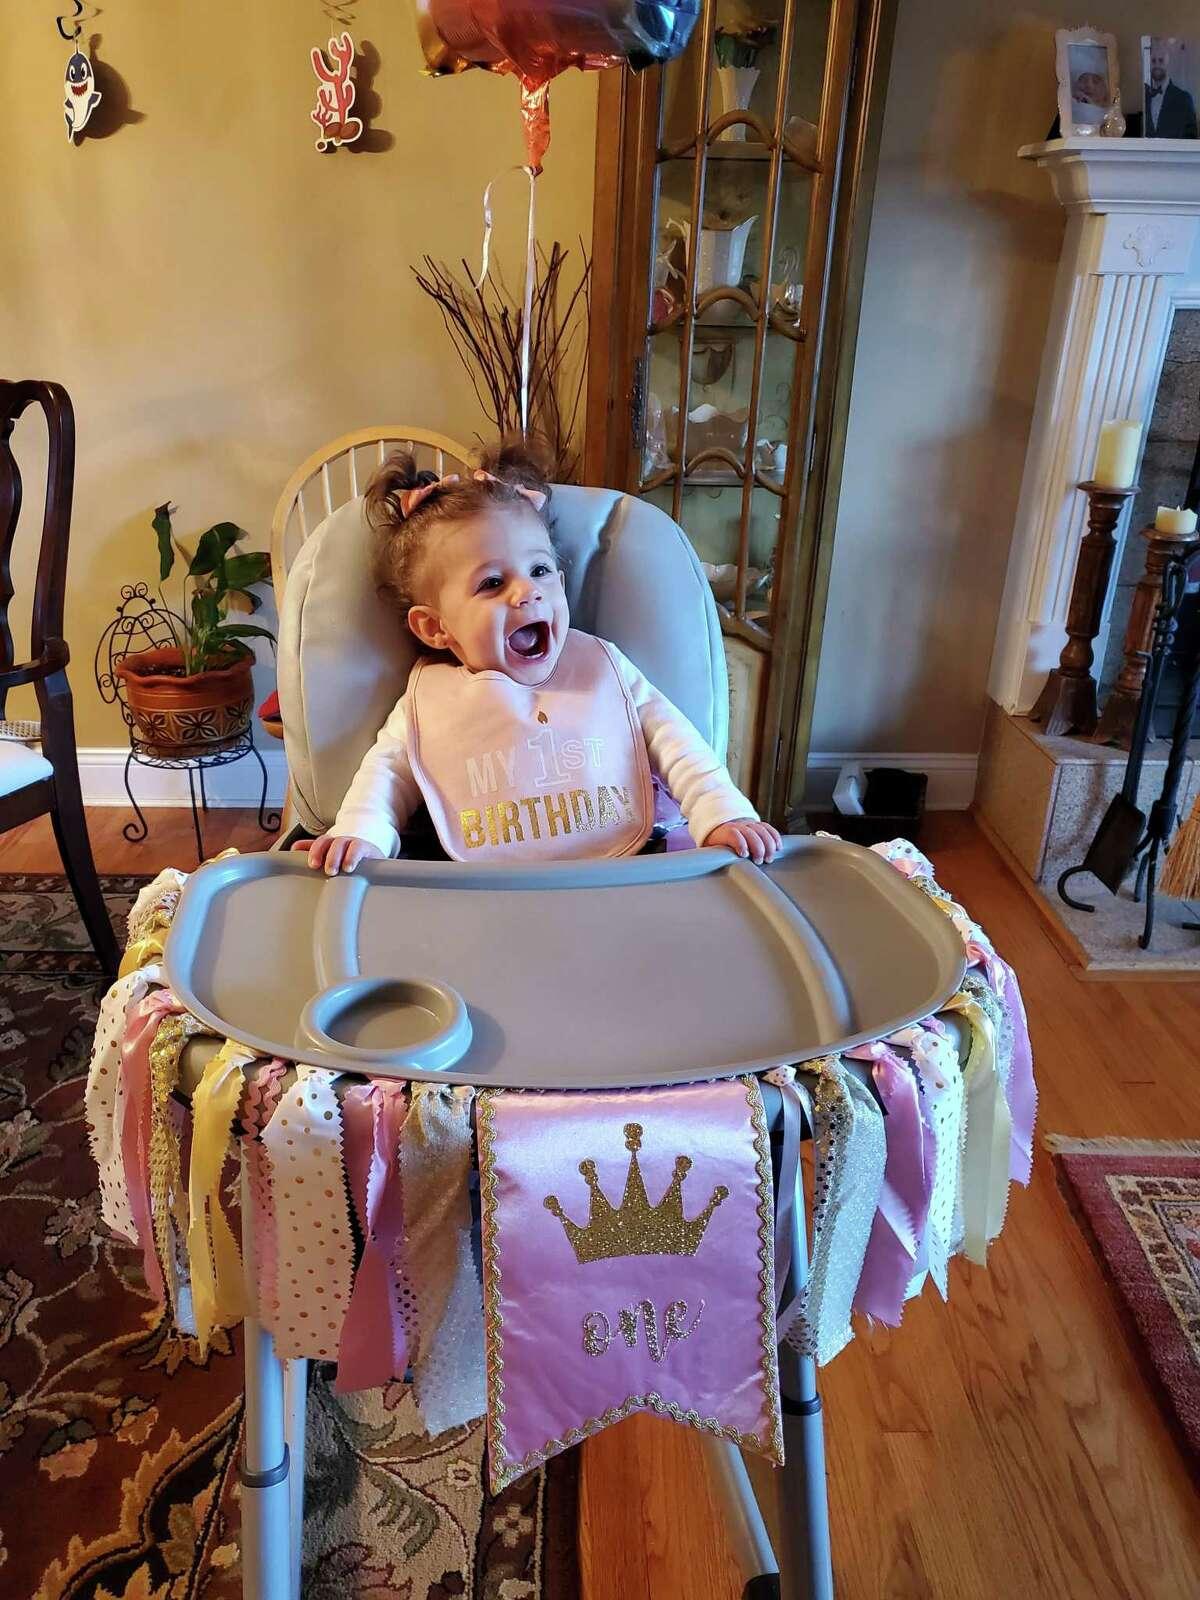 Melissa Castiglia's daughter, Adrianna, turned 1 on Jan. 18.